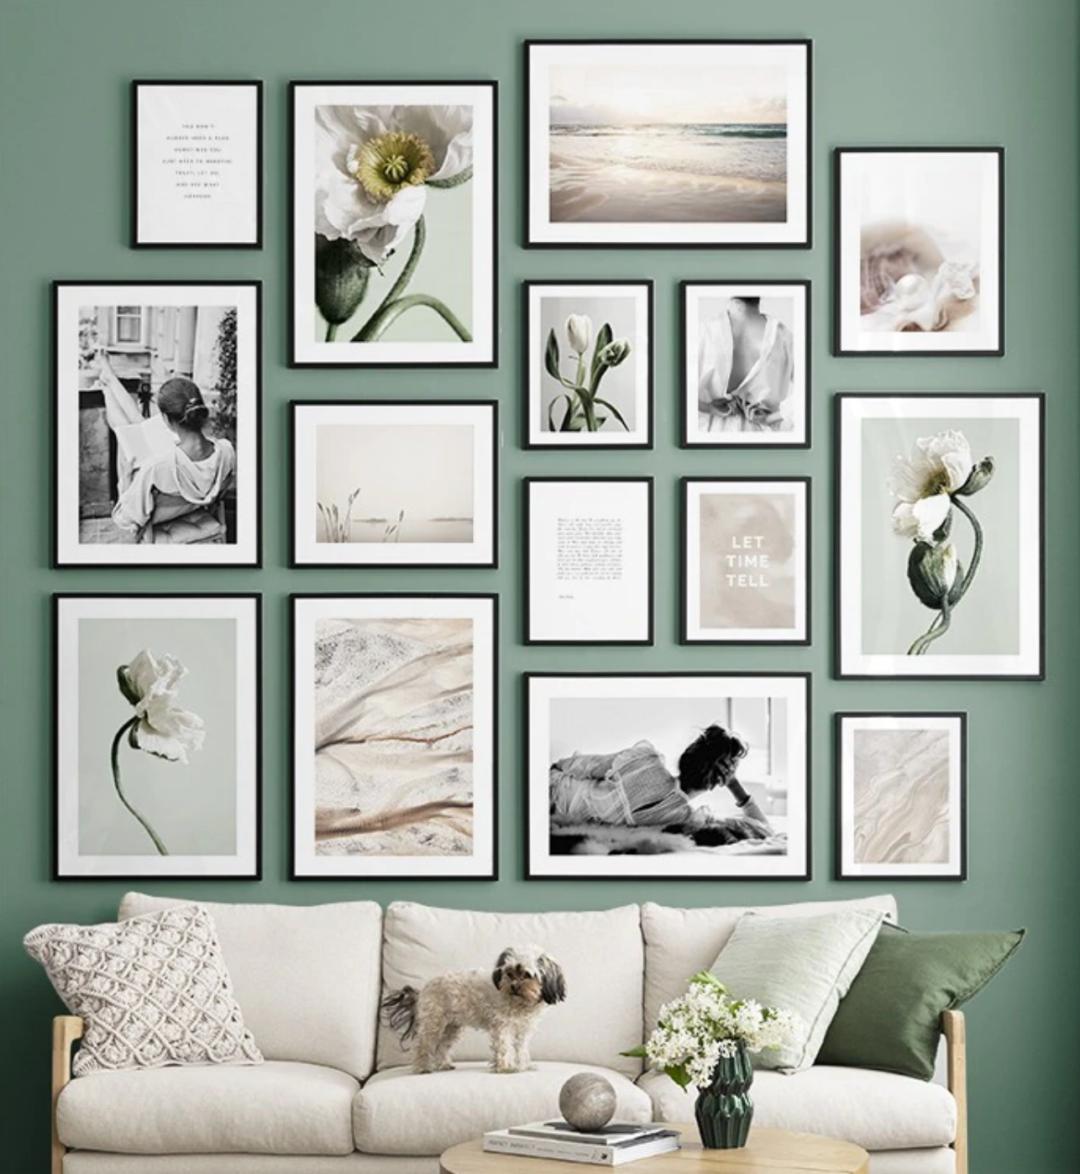 bilderwaende posterwaende dekoration 1080x1174 - Bilderwände gestalten für modernes Wohnflair